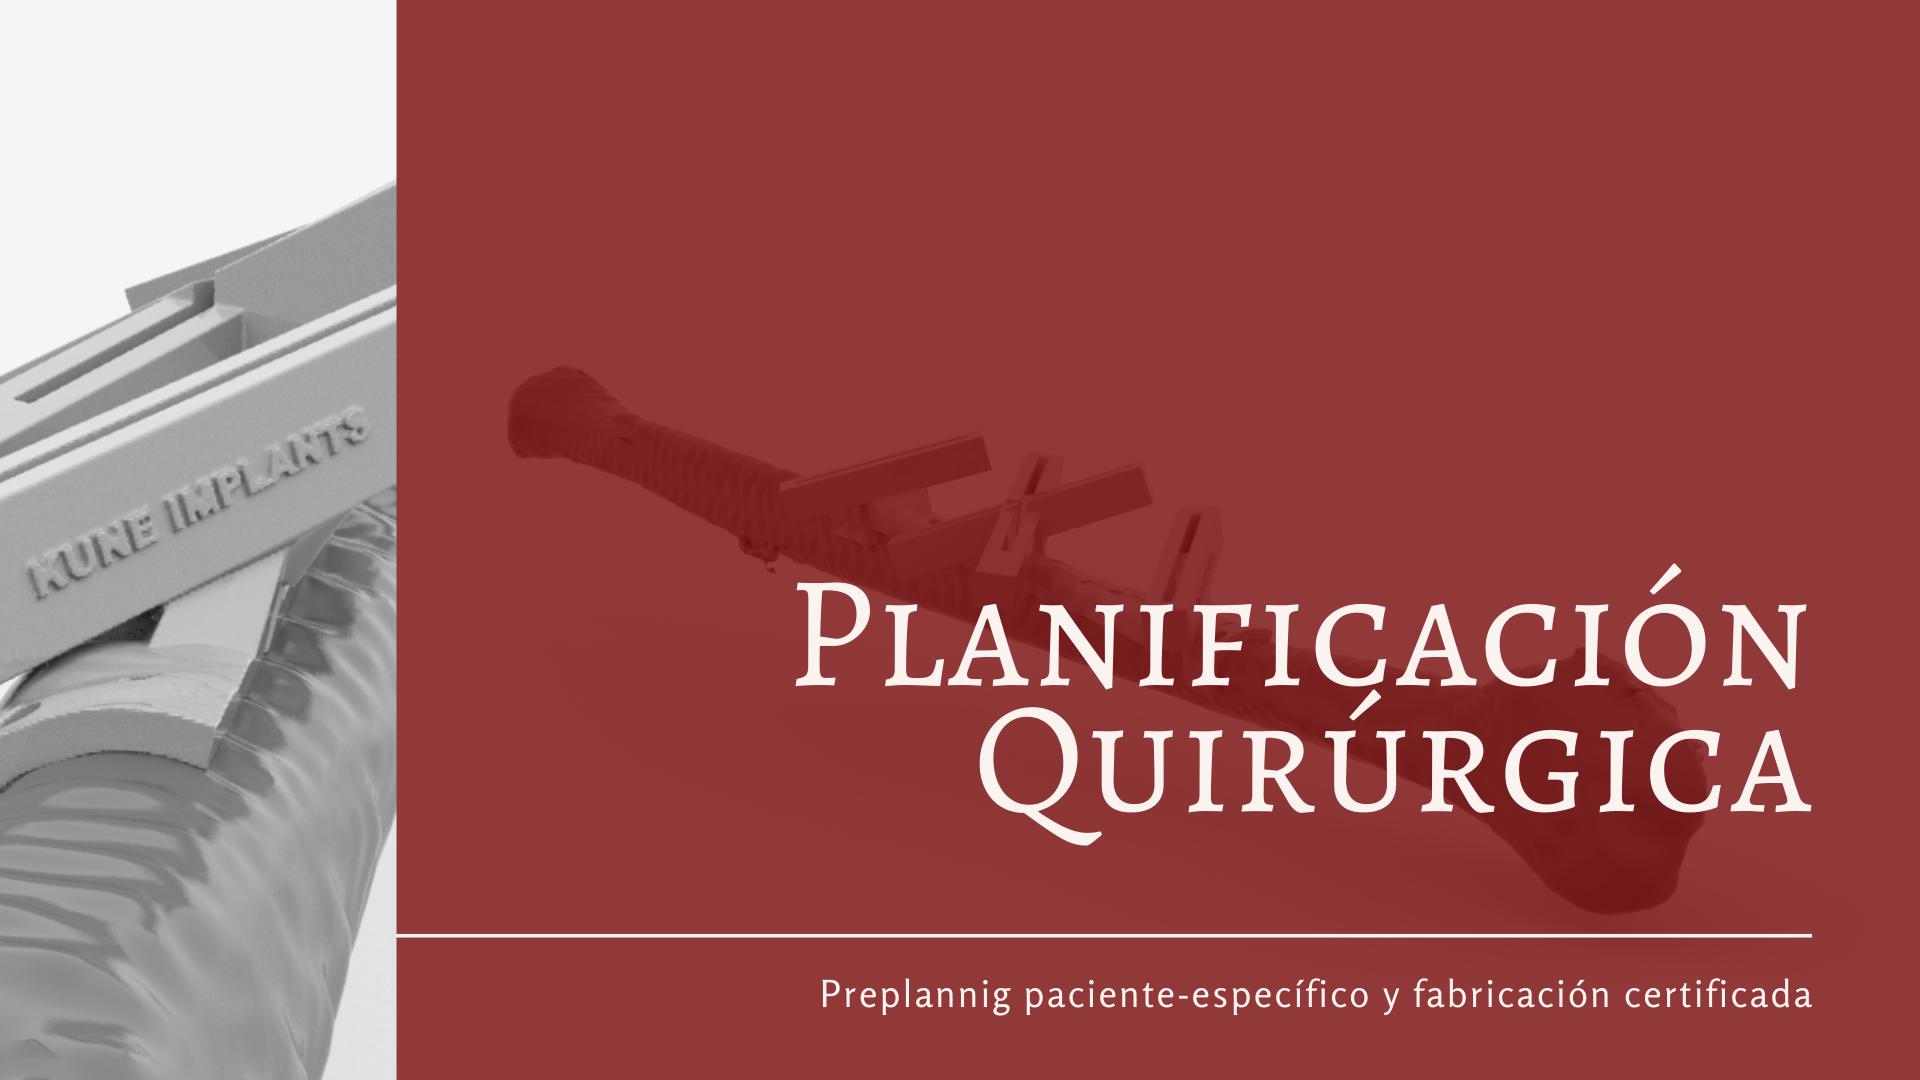 Planificacion Quirurgica